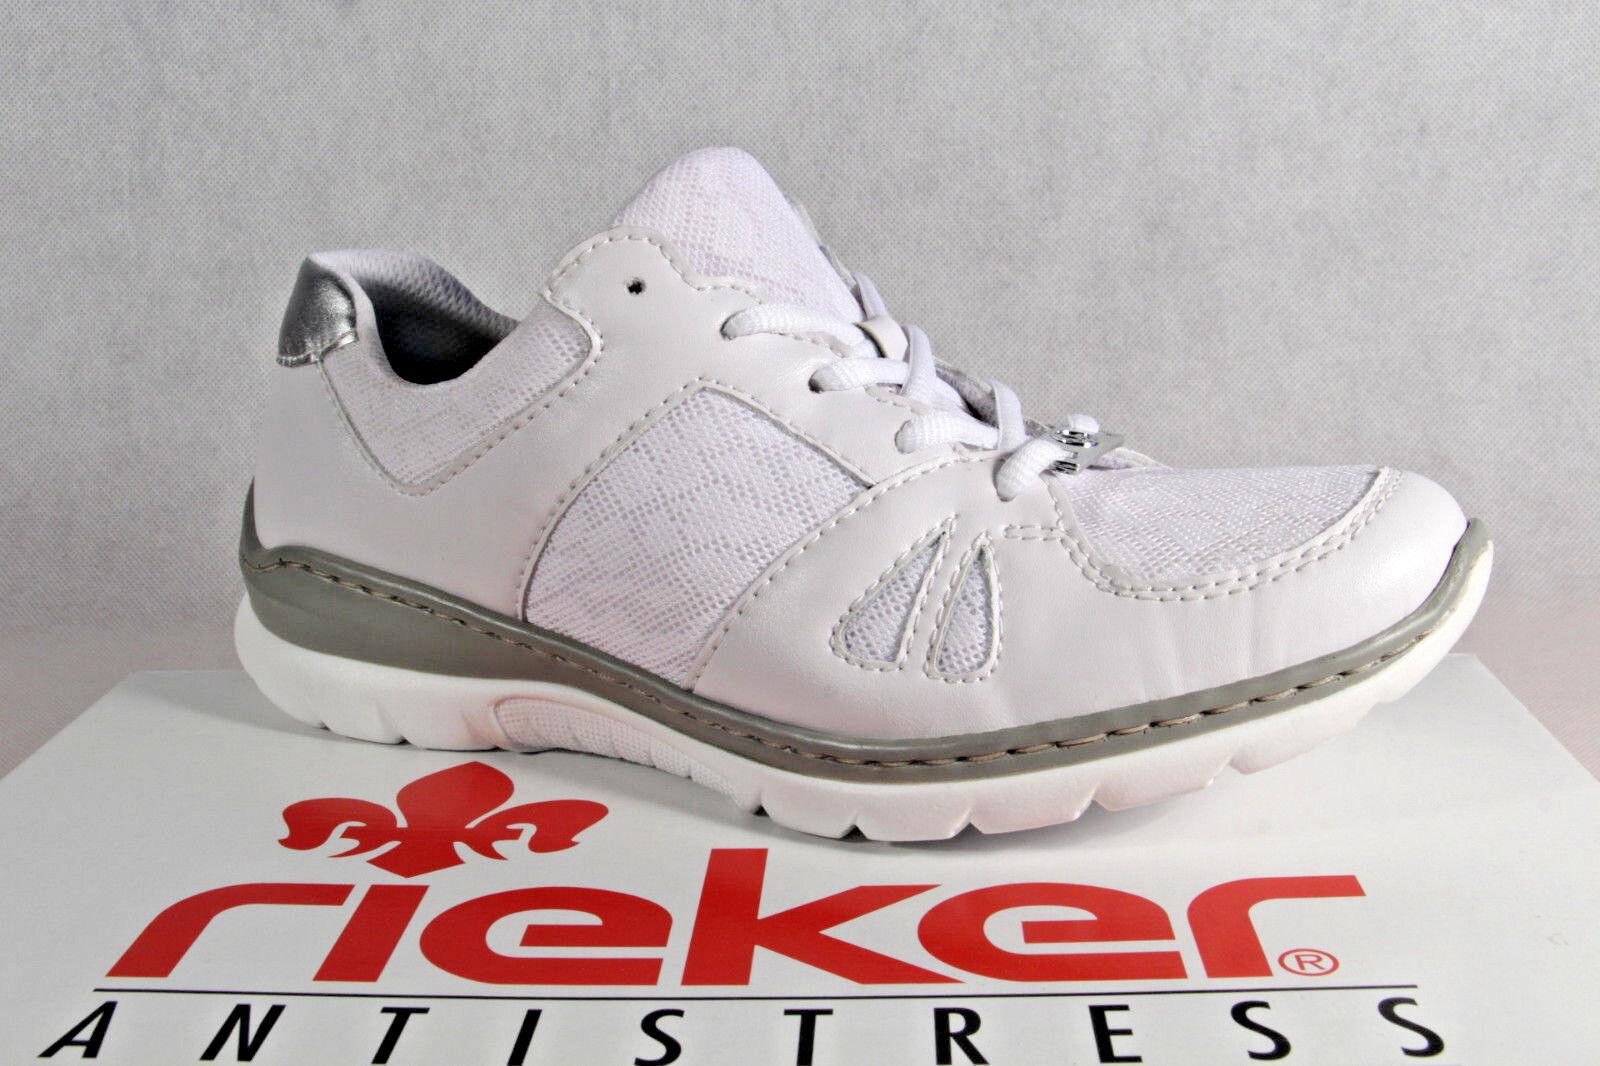 Rieker Damen Schnürschuhe Sneakers Sportschuhe Halbschuhe weiß L3242 NEU!